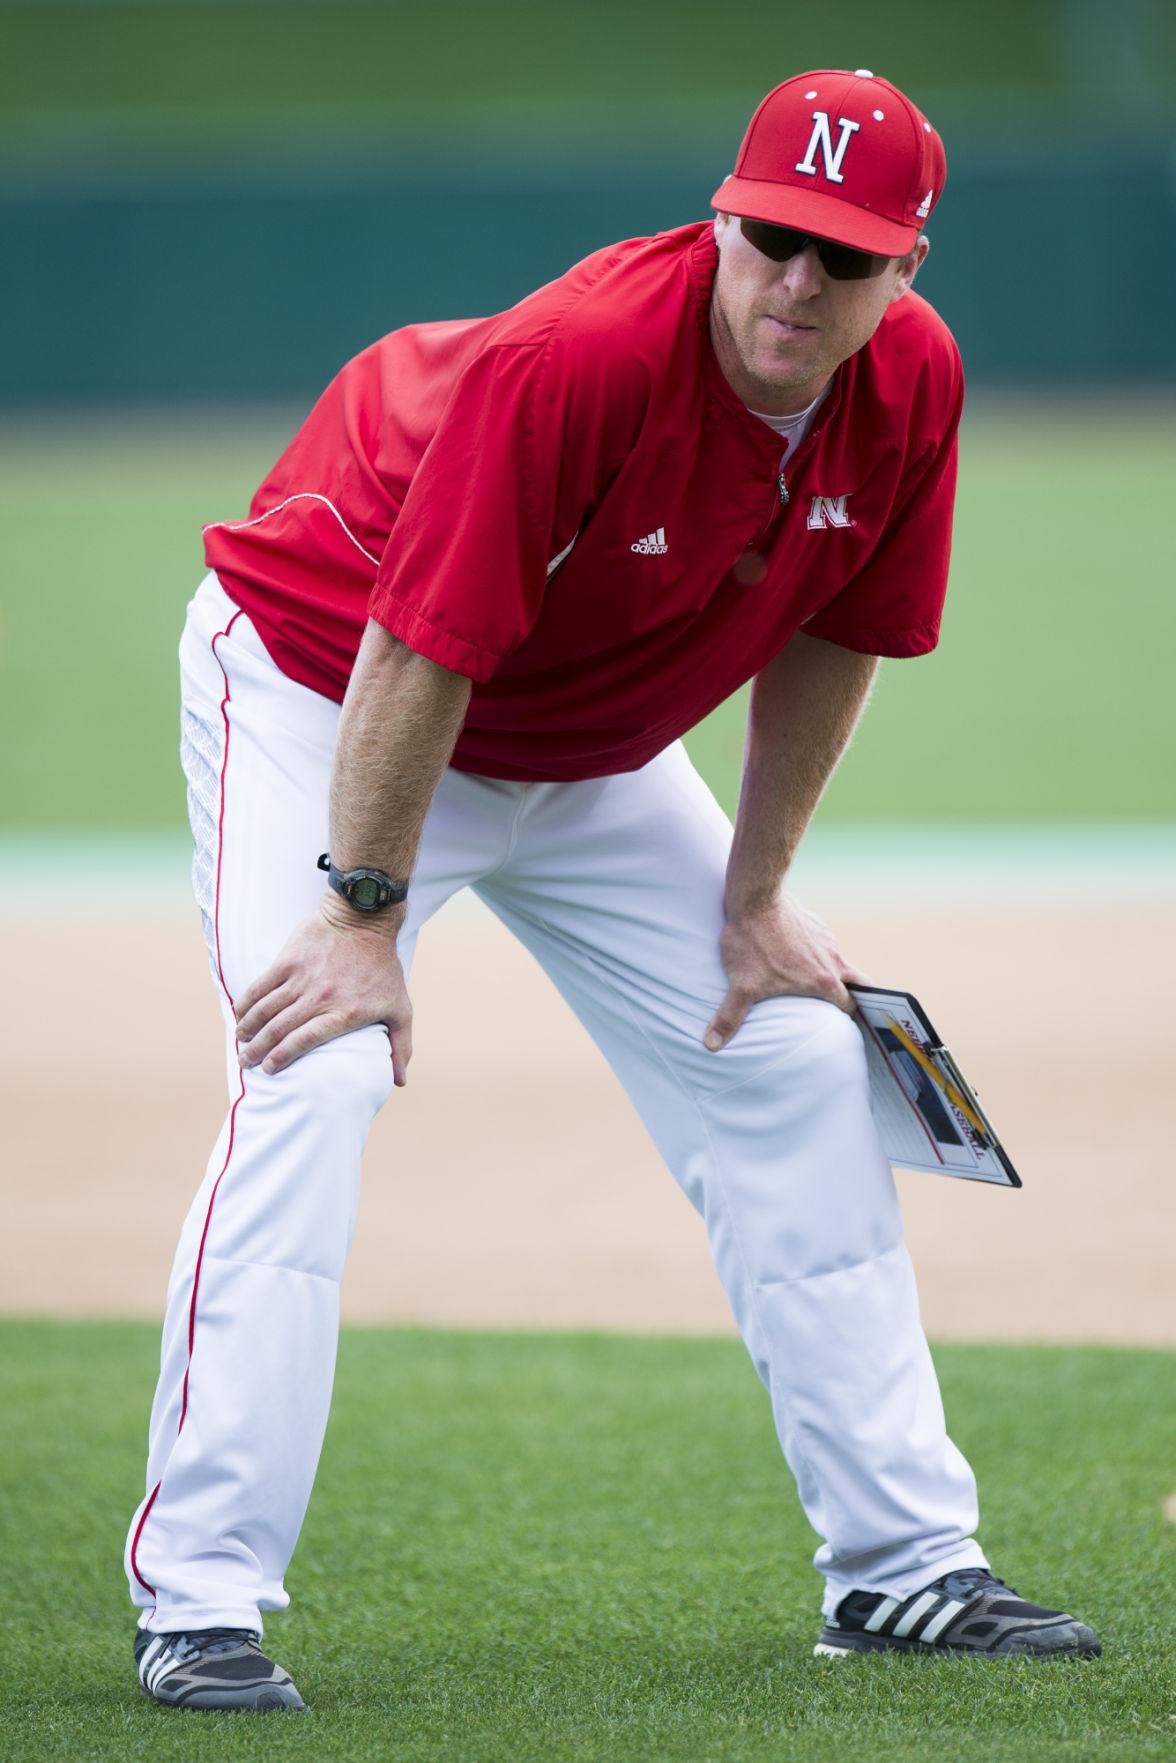 Husker Fall Baseball Practice, 9.9.15